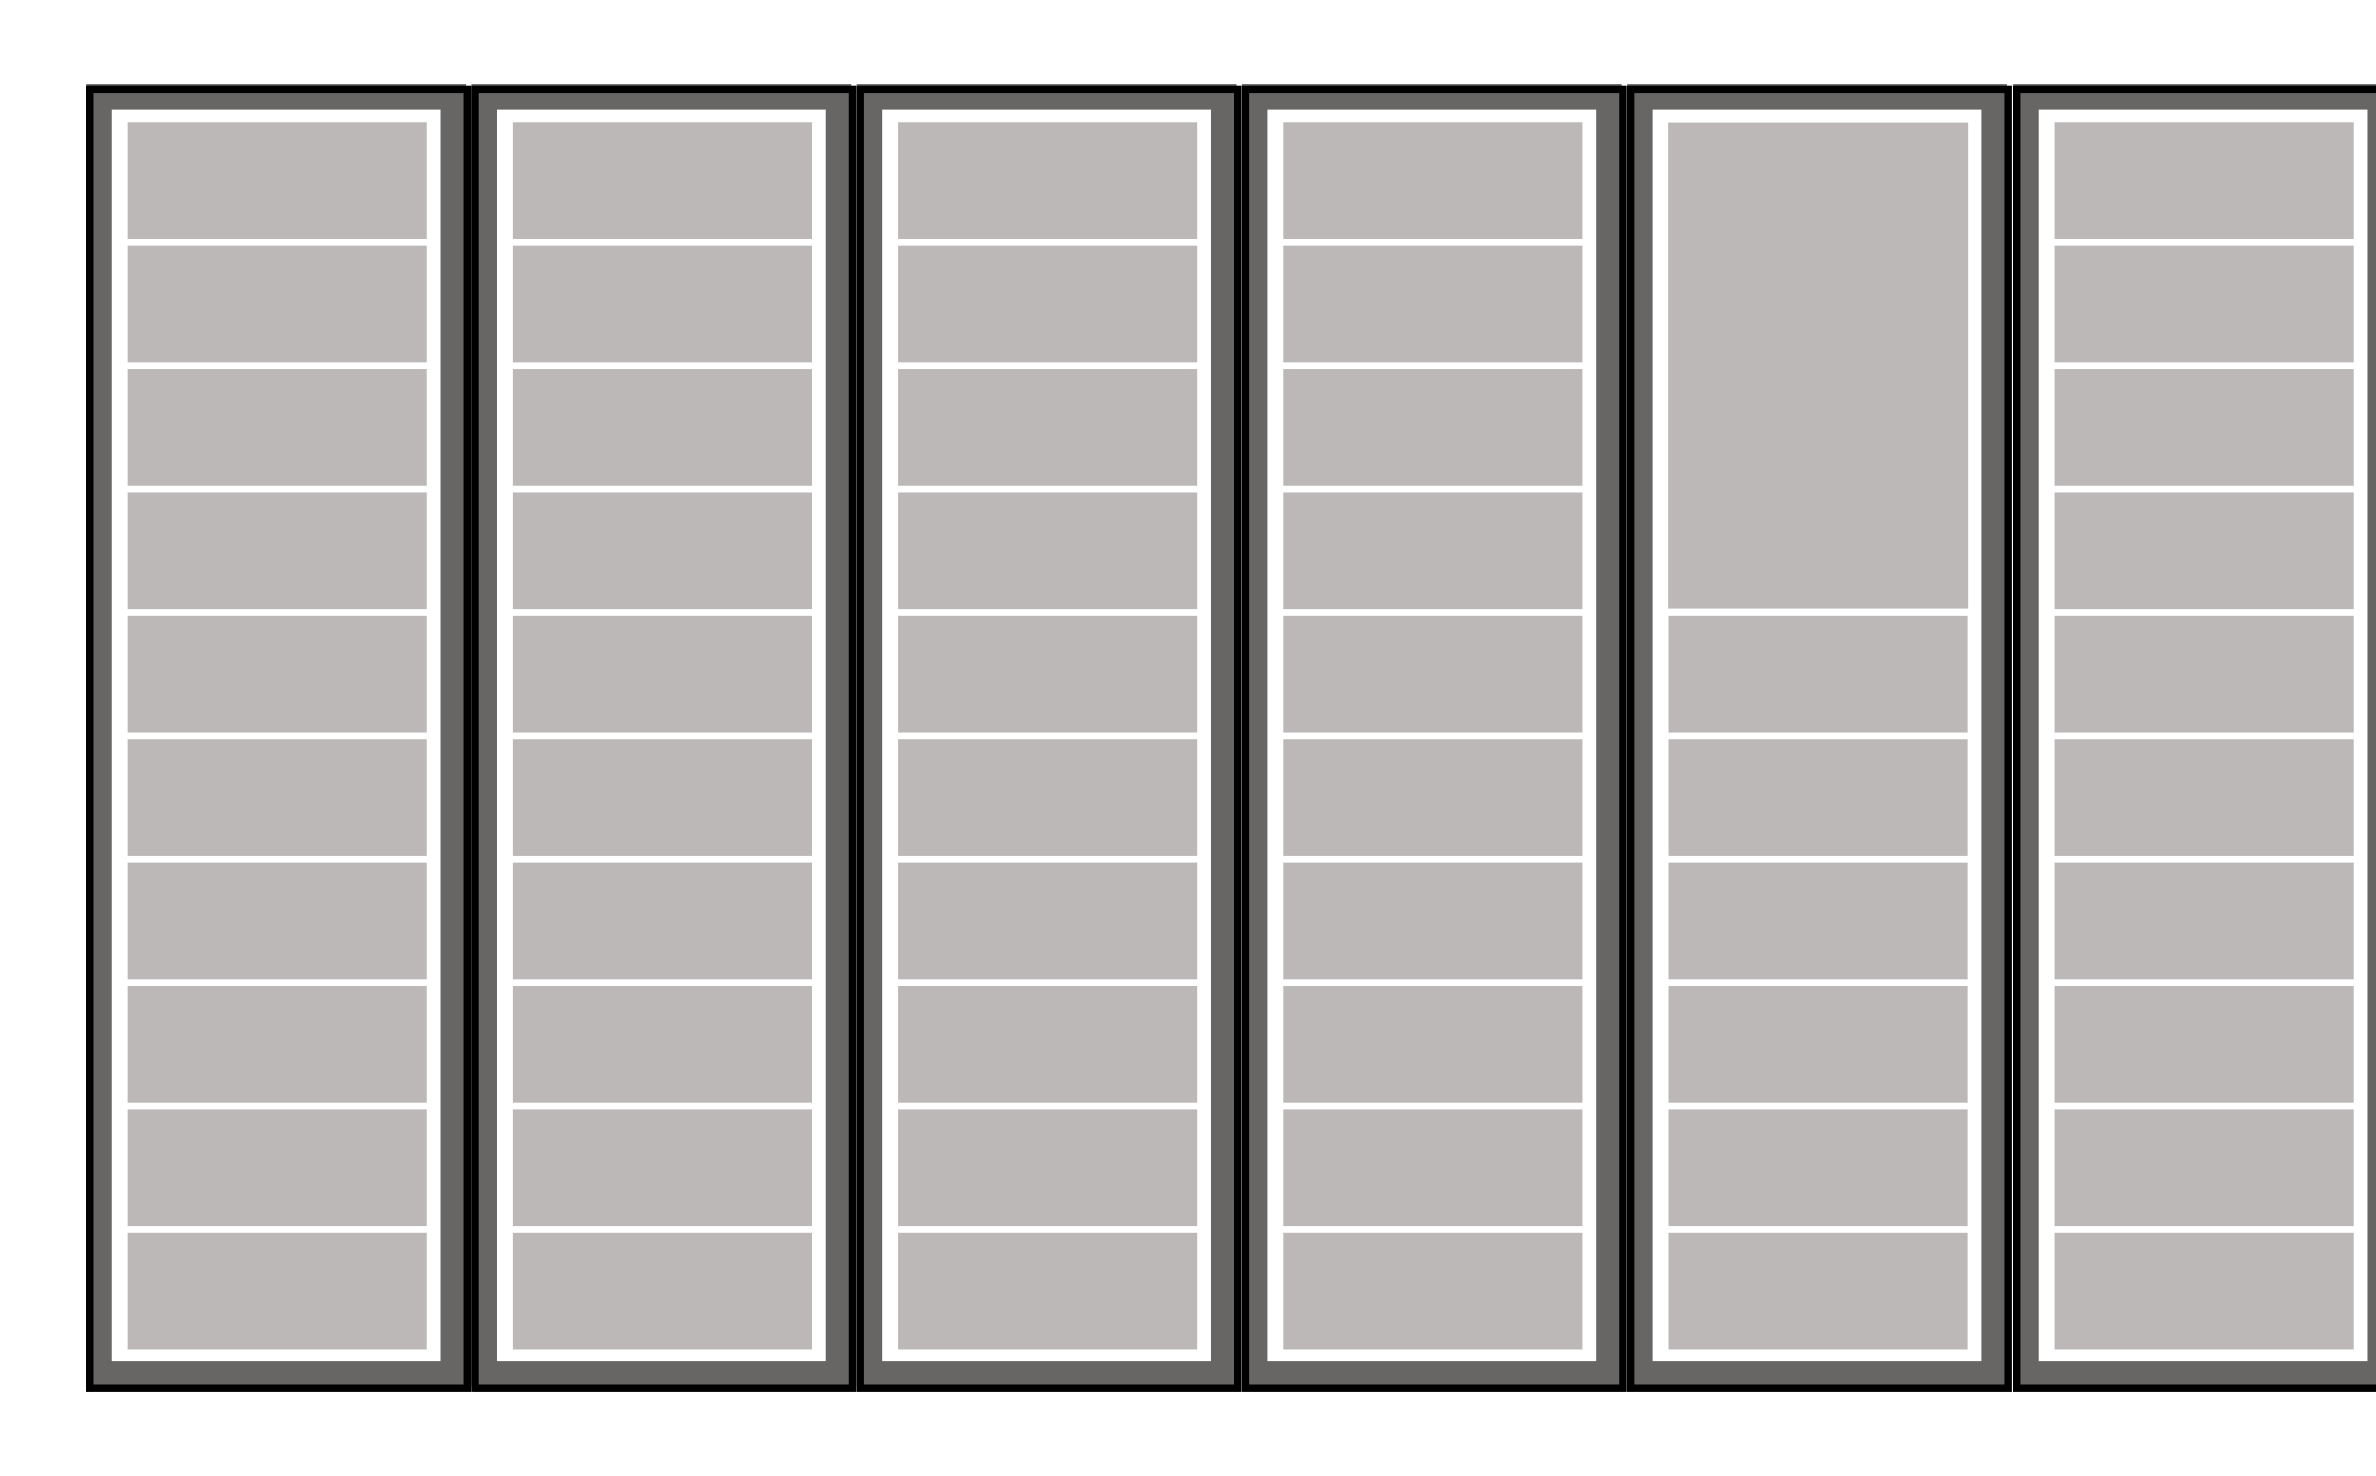 www/floormap/mrc3fl-5.jpg